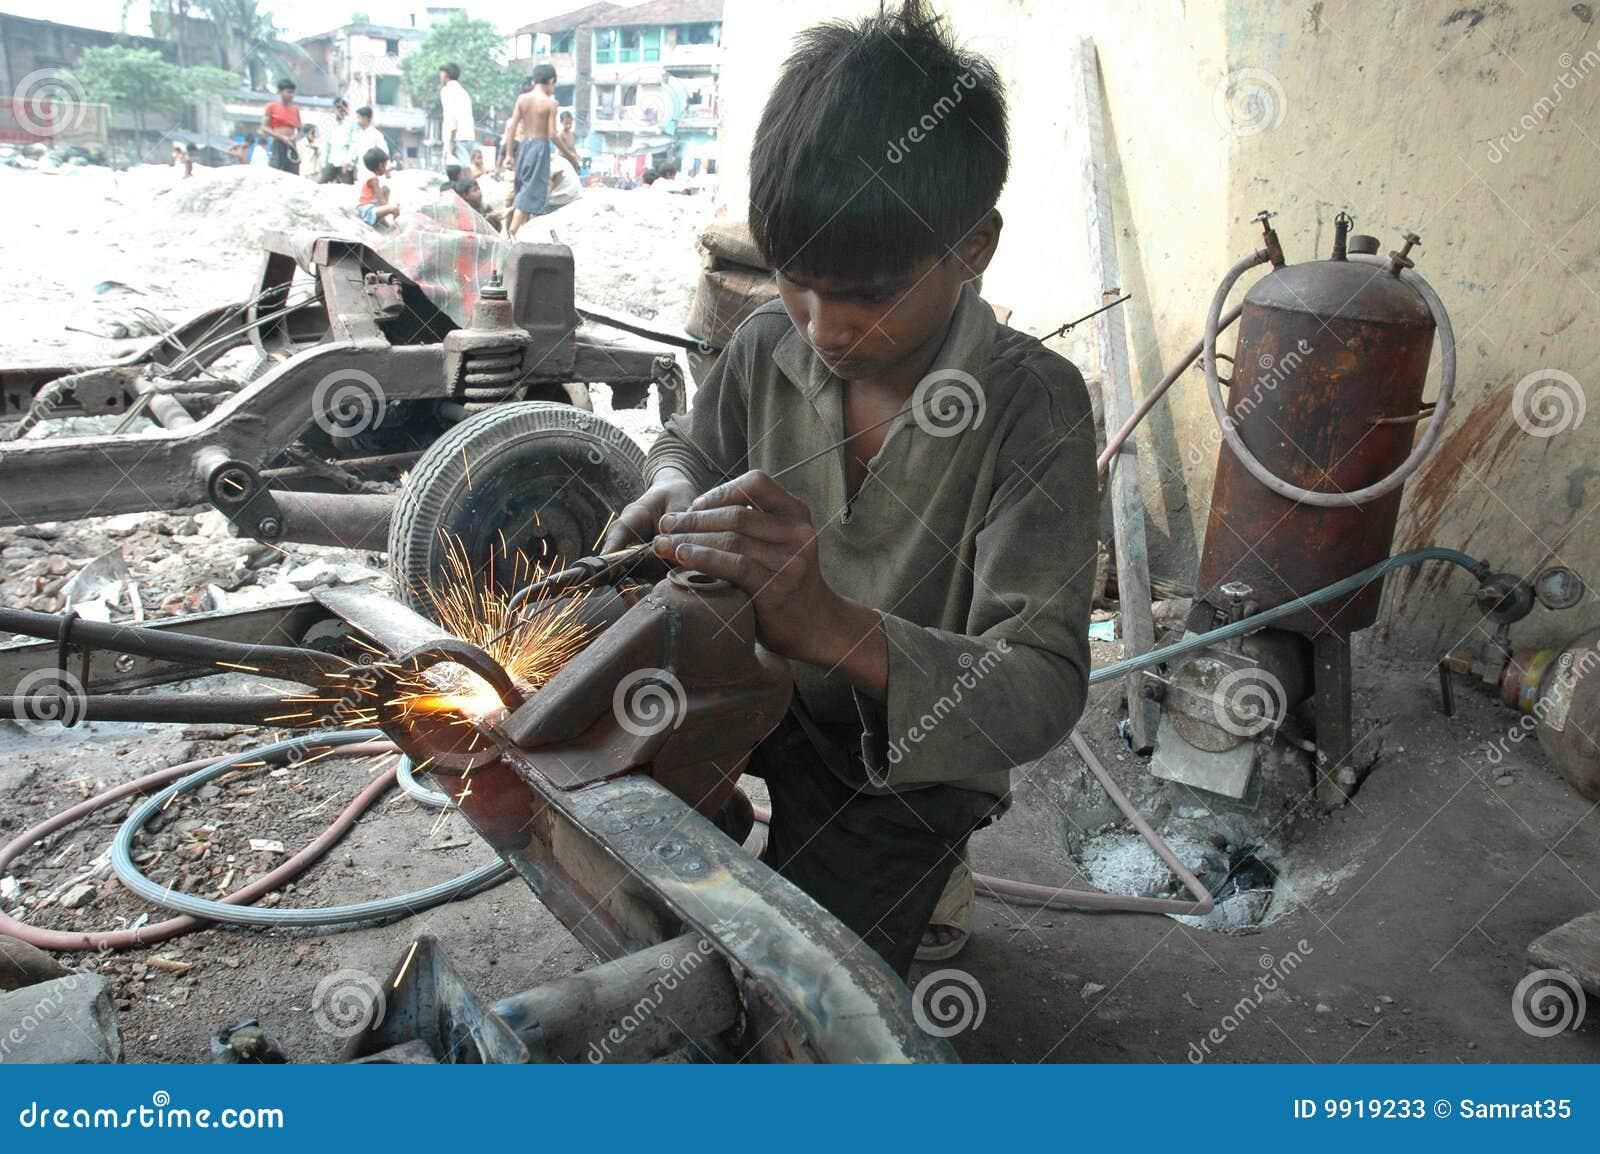 Offre d'emploi: Manœuvre - Près de Magog - temps plein/partiel ou étudiant chez Randstad Canada, Granby, Québec.